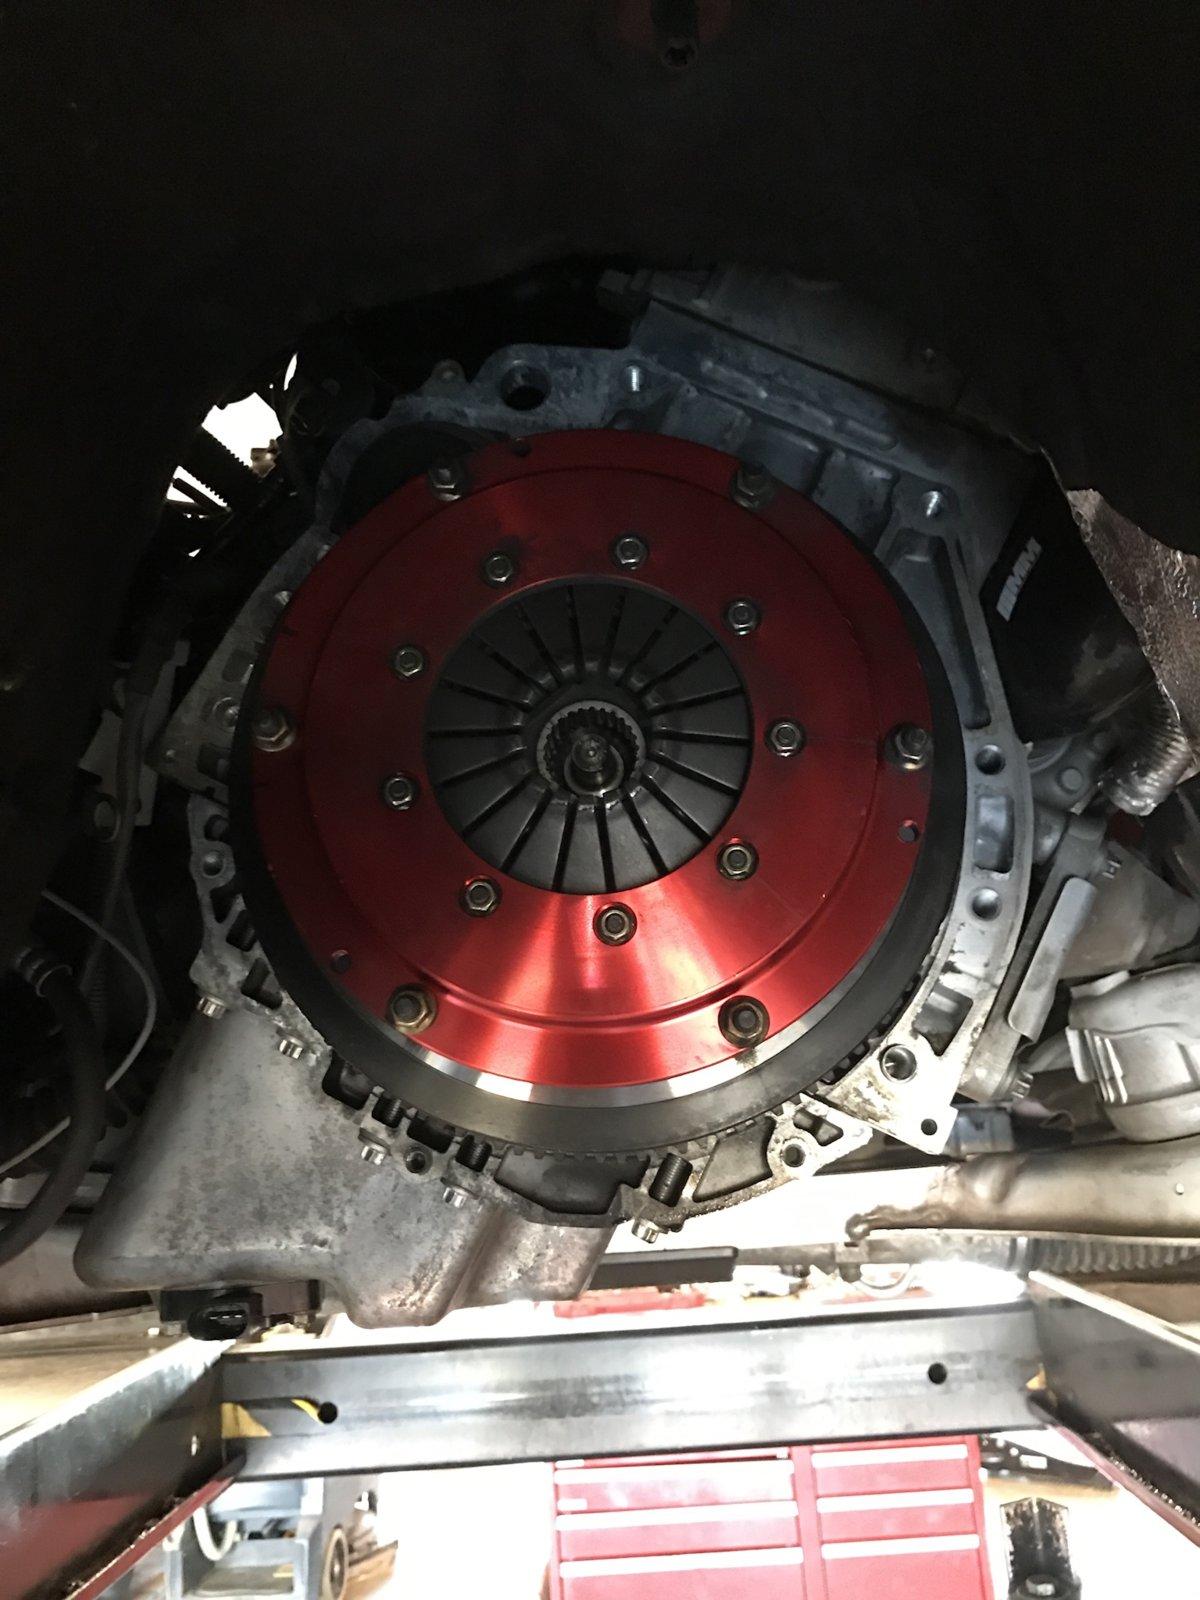 1517C963-51C1-4B7A-BB35-2F067A2BA38A.jpeg